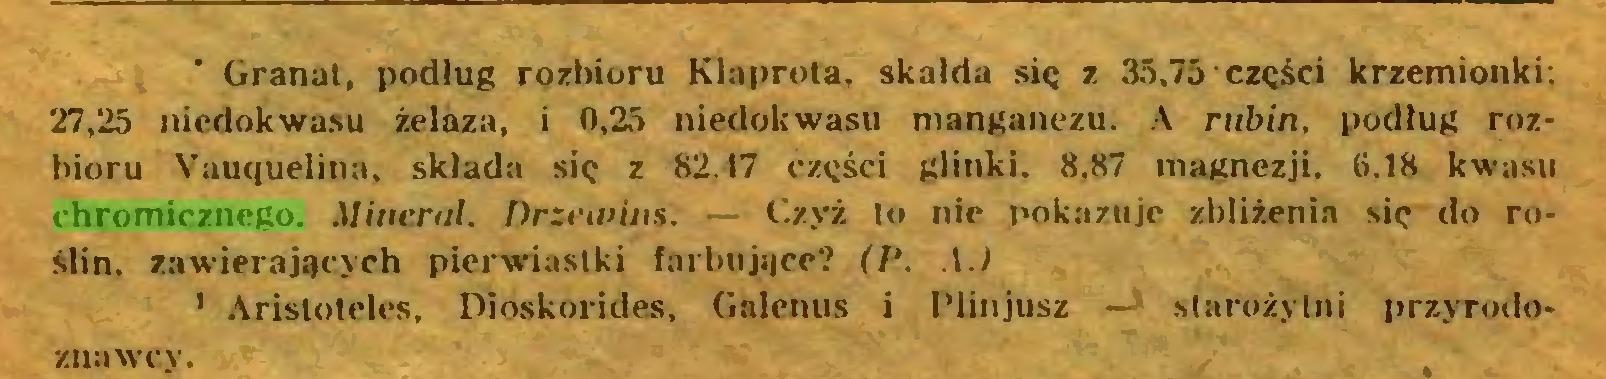 (...) * 1* Granat, podług rozbioru Klaprota, skalda się z 35,75 części krzemionki; 27,25 nicdokwasu żelaza, i 0,25 niedokwasu manganezu. A rubin, podług rozbioru Vauquelina, składa się z 82.17 części glinki. 8,87 magnezji. 6.18 kwasu chromicznego. Minerał. Drzewins. — Czyż to nic pokazuje zbliżenia się do roślin. zawierających pierwiastki farbujące? .1.1 1 Aristoteles, Dioskorides, Galenus i Plinjusz — starożytni przyrodo...